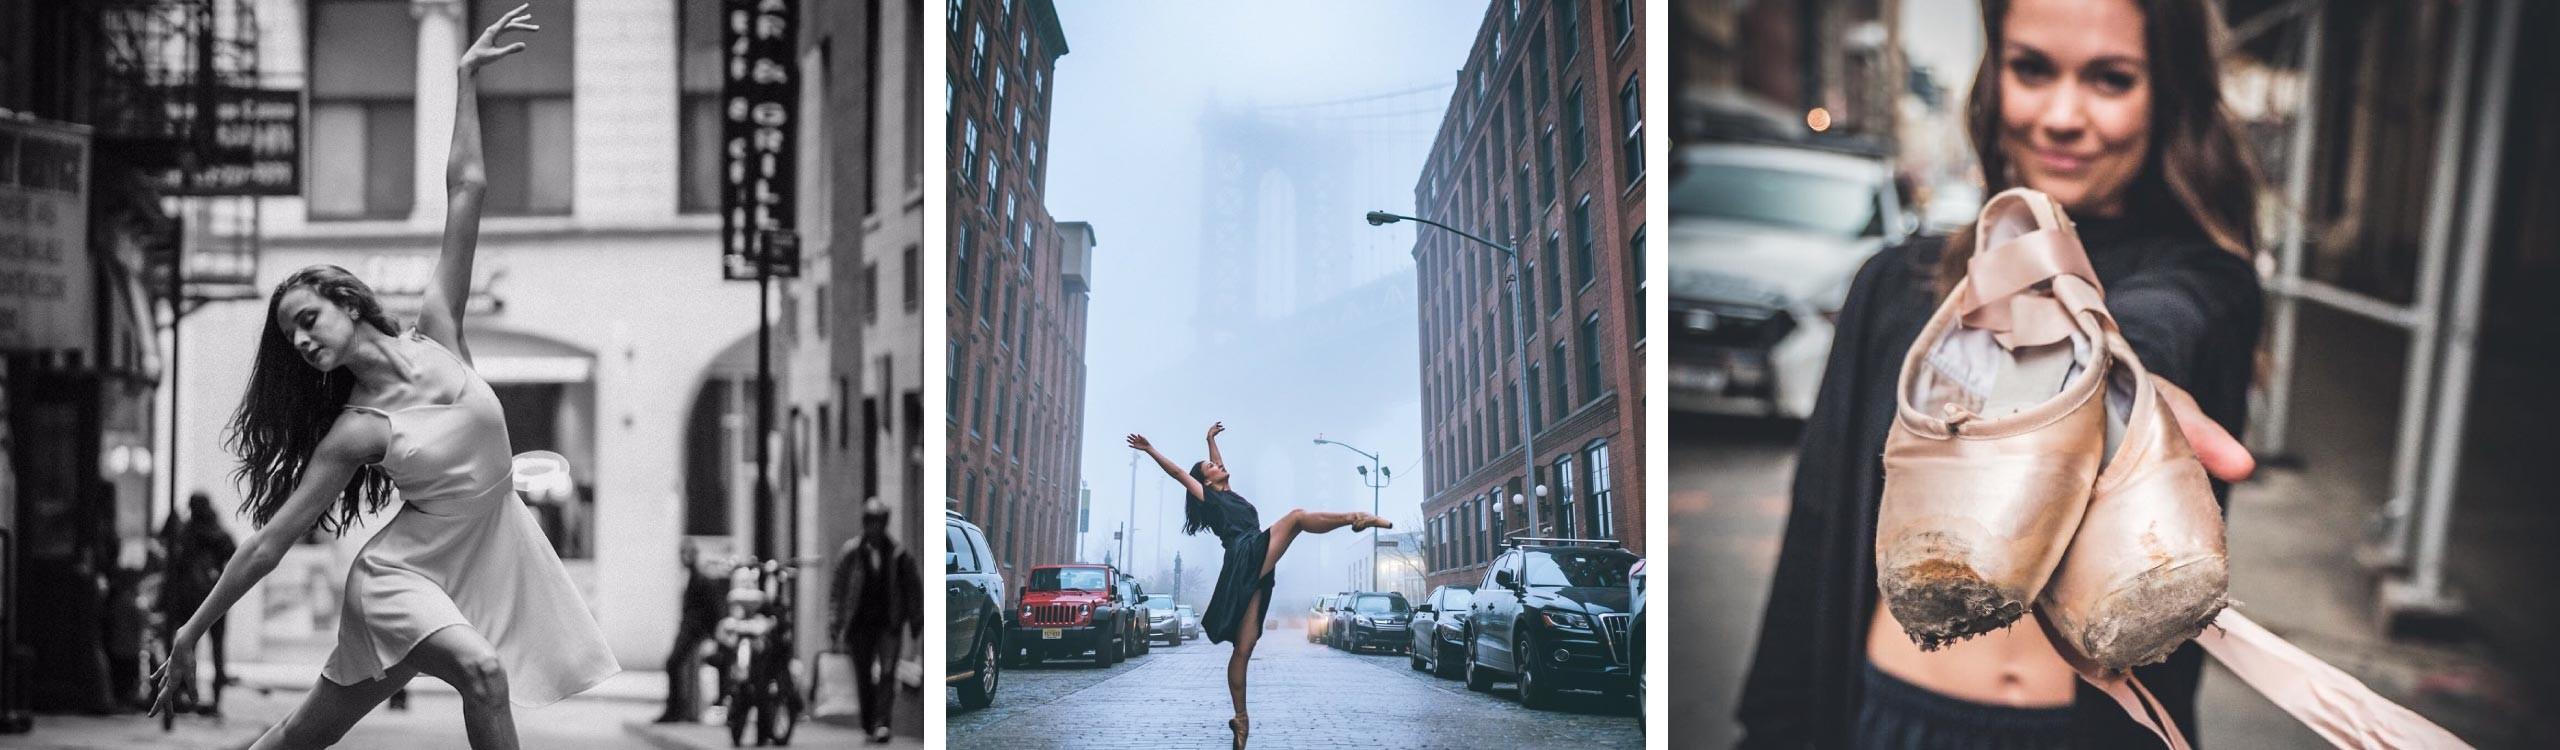 el ballet salta al esfalto: las preciosas fotografías de omar z robles